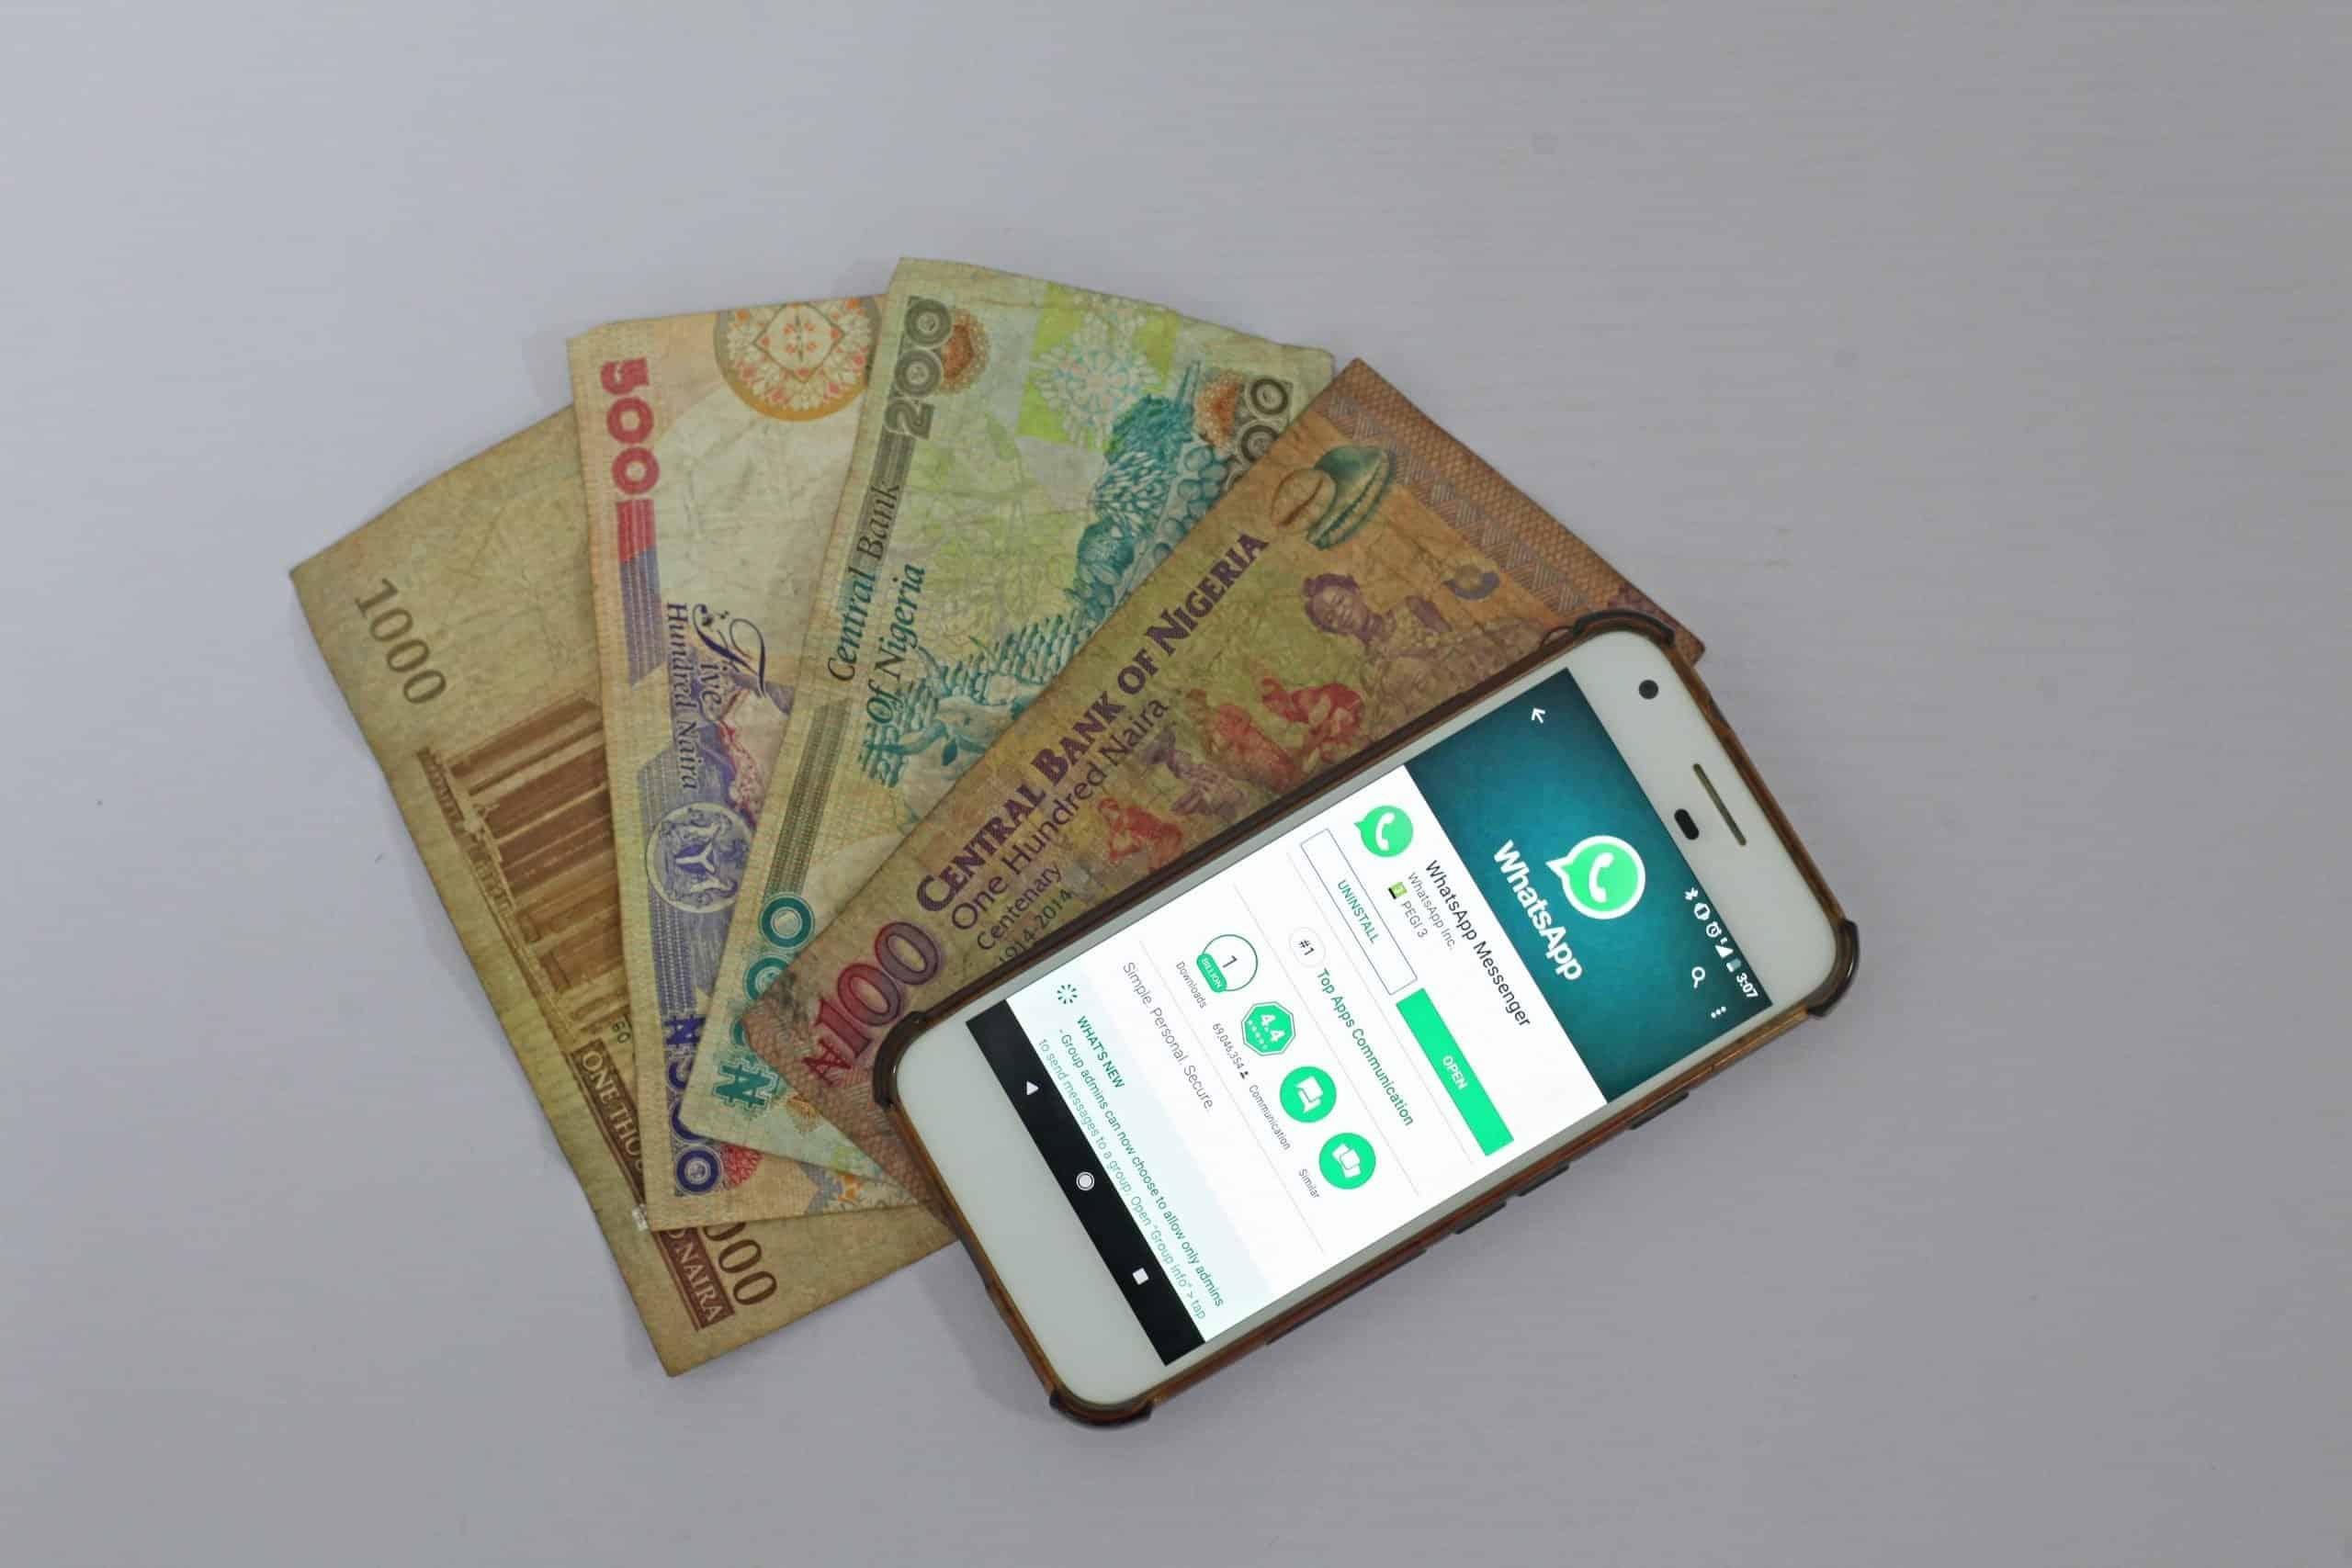 mit tegyen, ha nem akar pénzt keresni